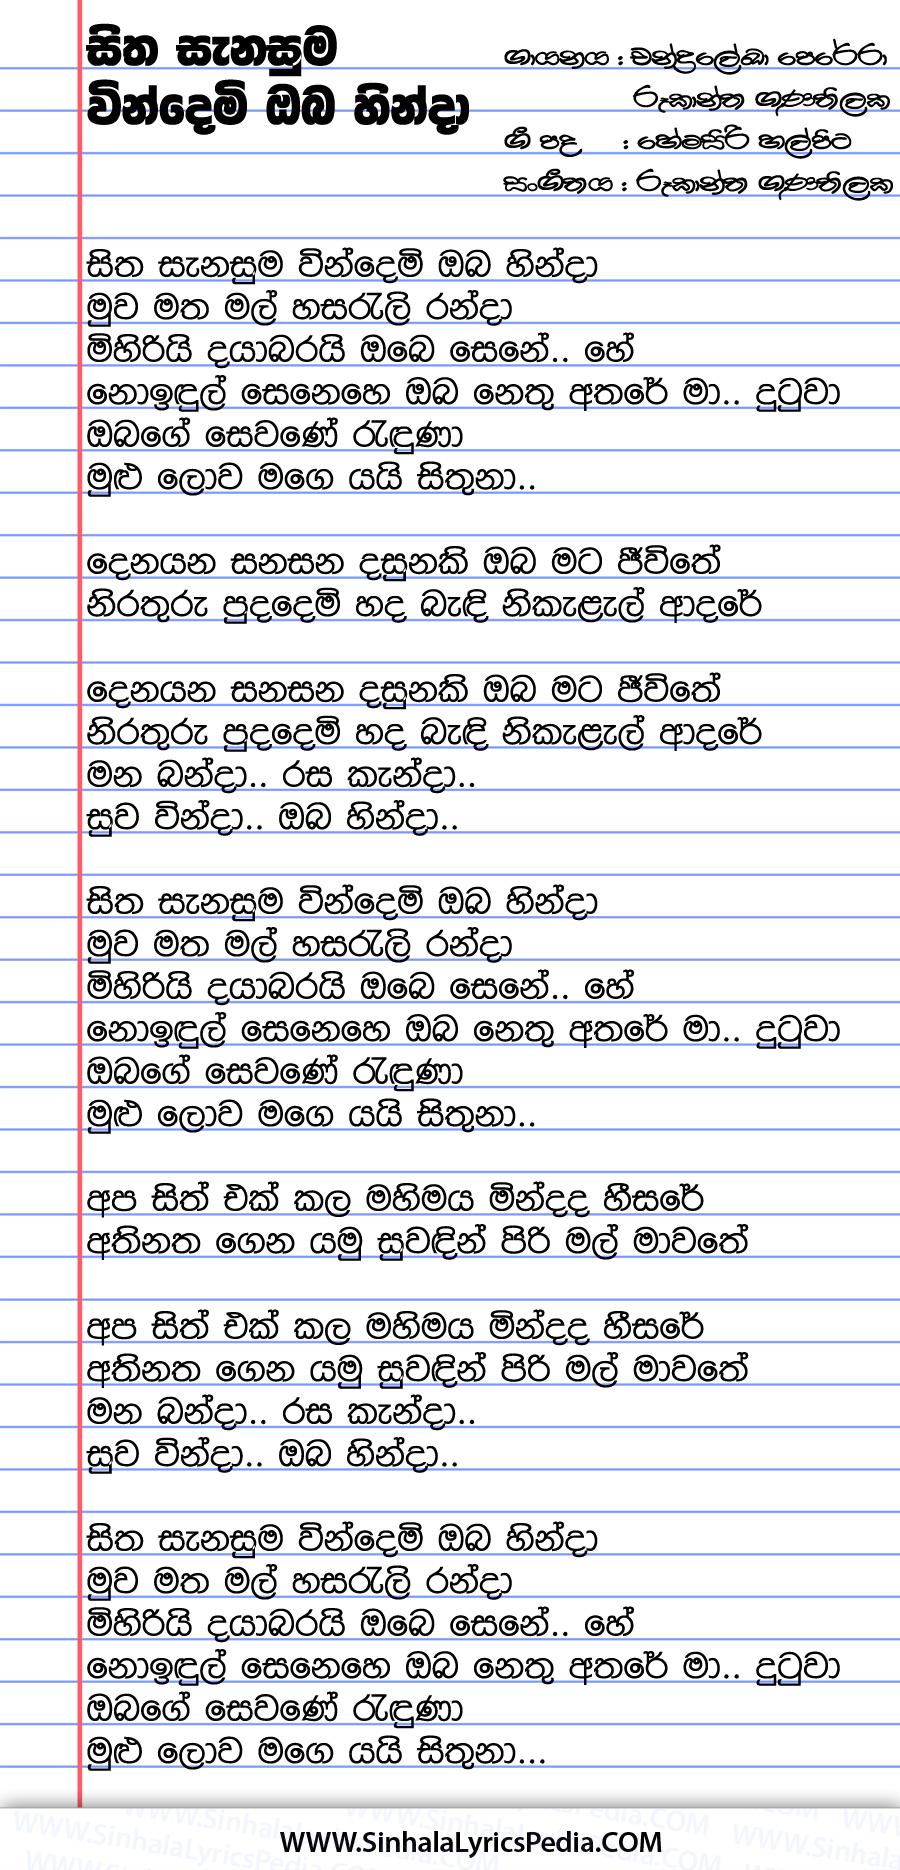 Sitha Sanasuma Vindemi Oba Hinda Song Lyrics